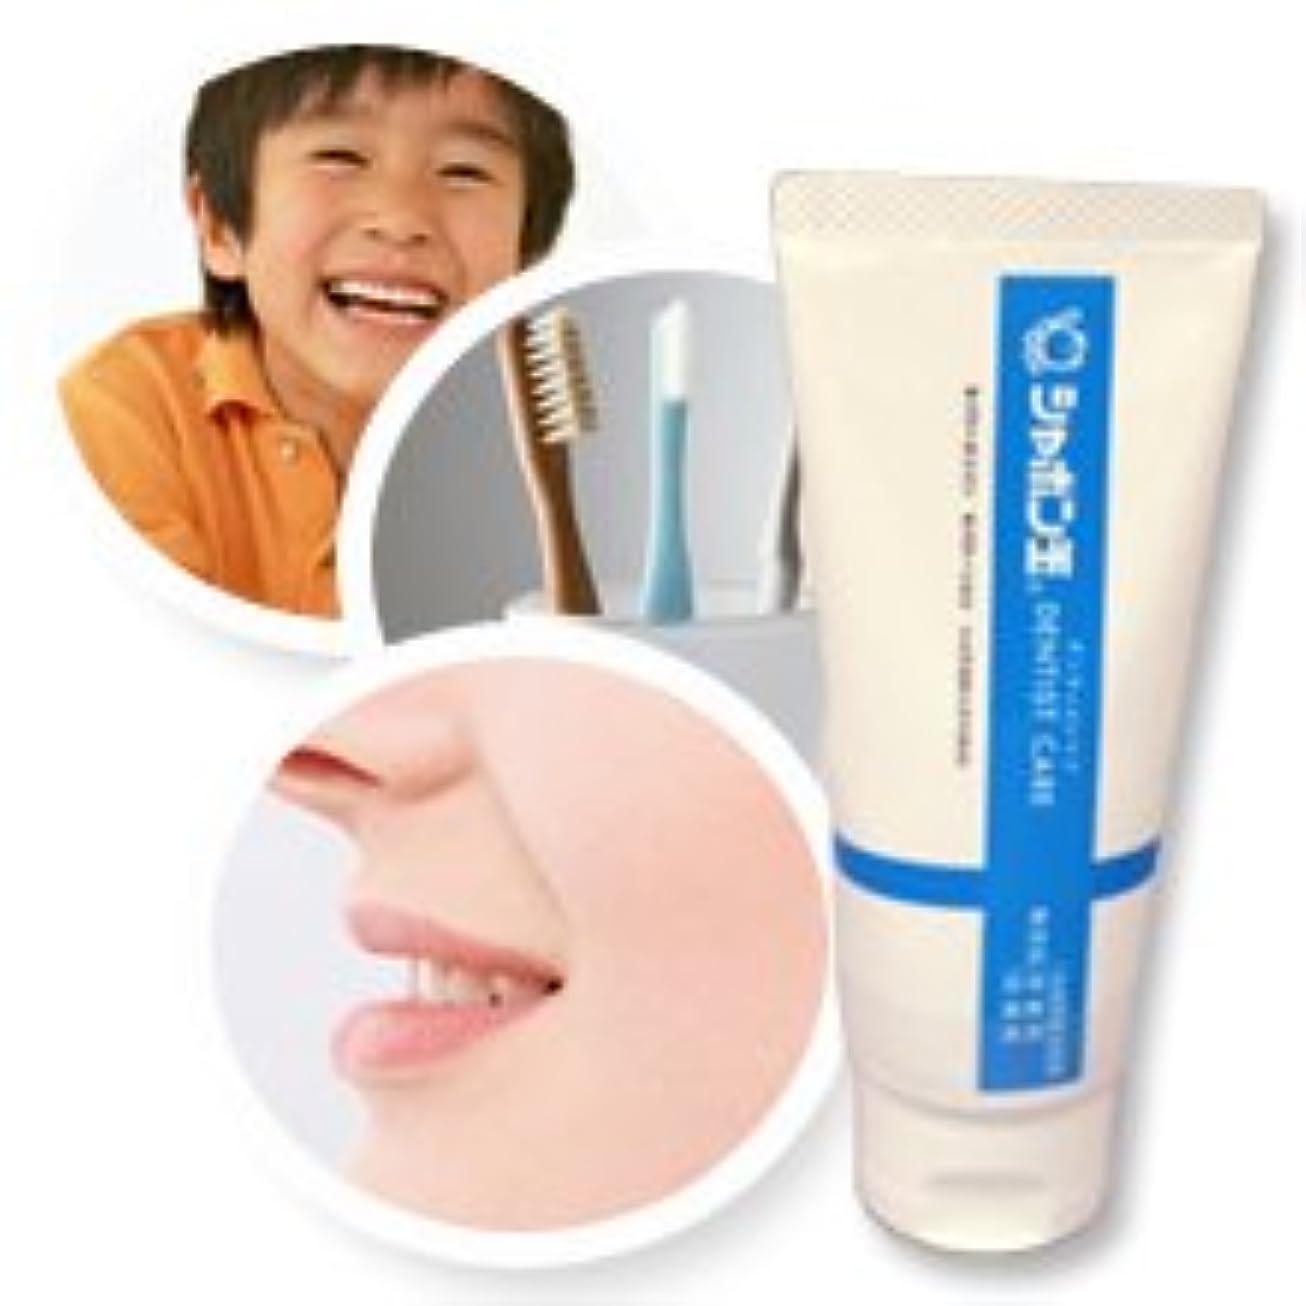 パークフリッパーミスペンド歯科医が開発した歯周病や口臭?虫歯が気になる方へ【歯磨き粉】【シャボン玉デンティストケア】